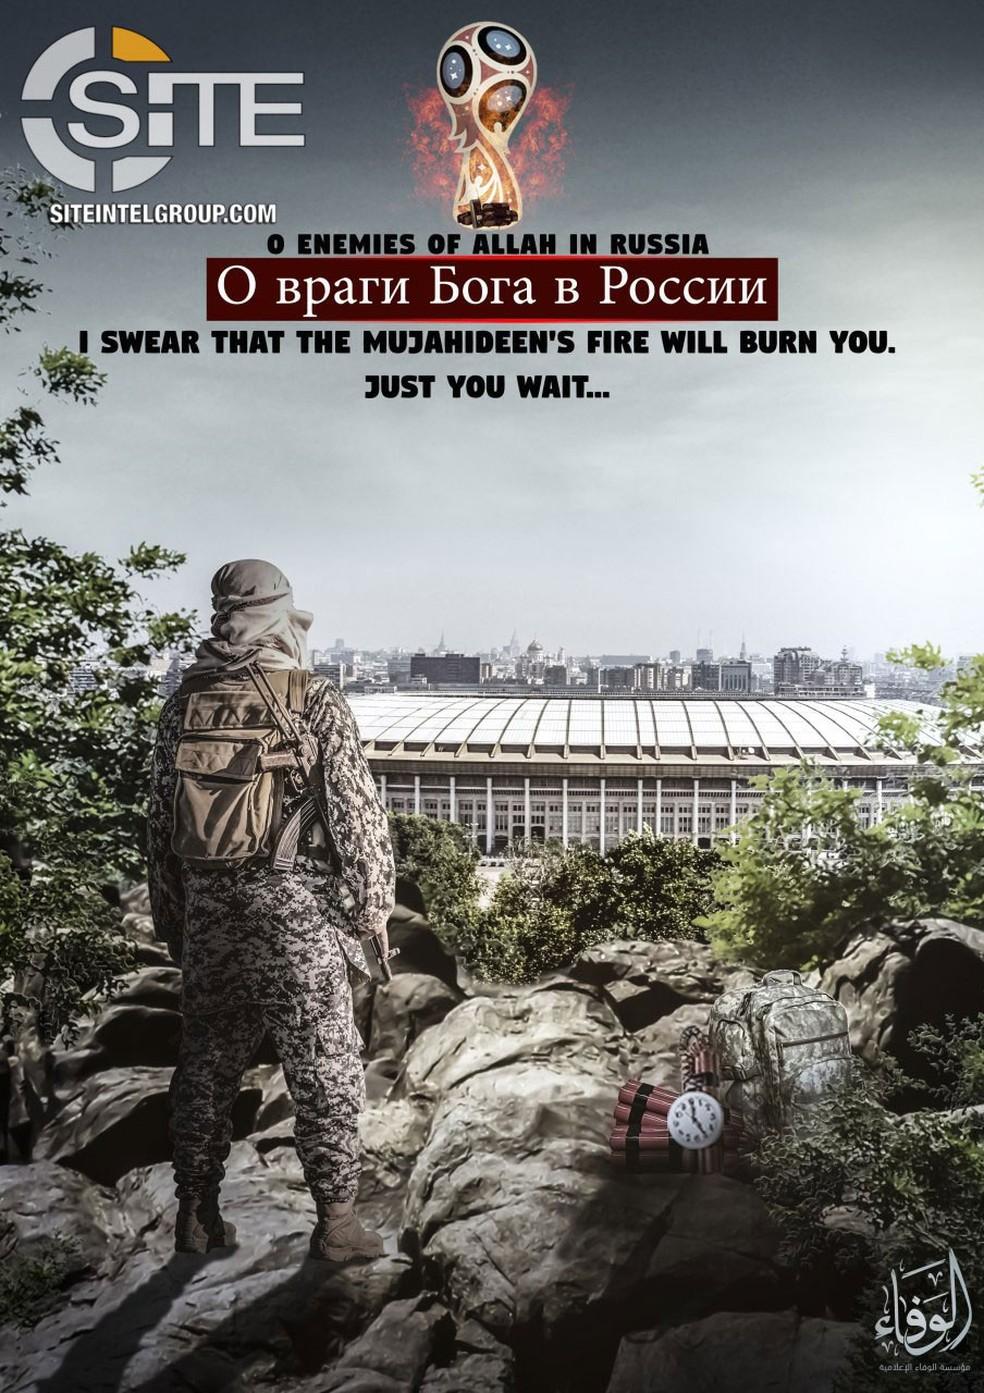 Cartaz divulgada pelo Estado Islâmico contém ameaça ao estádio Luzhniki, em Moscou, que será usado na Copa do Mundo (Foto: Reprodução/SITE)